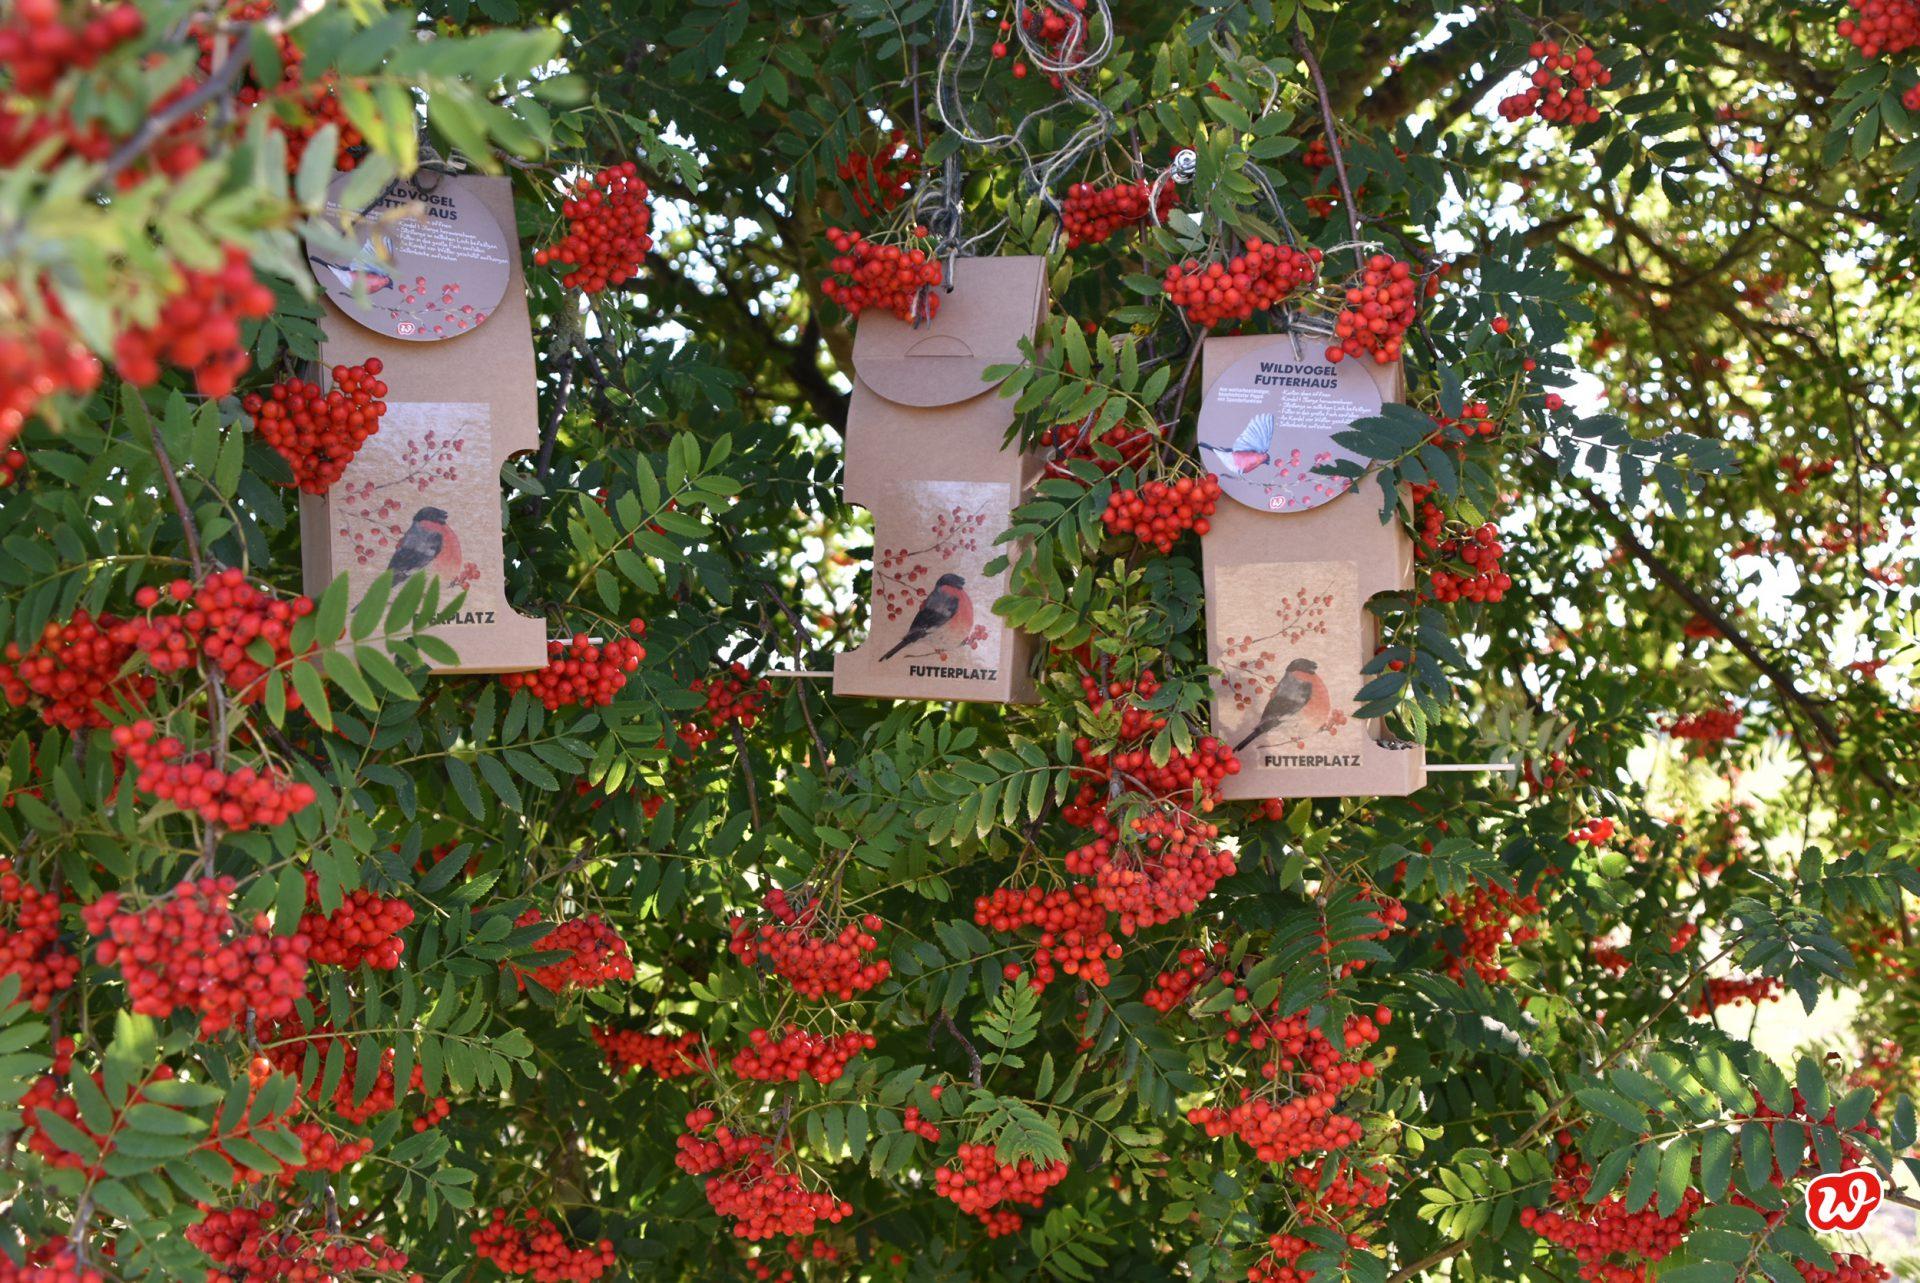 3 Wildfuttervogelhäuser Futterplatz in saftig roten Vogelbeeren